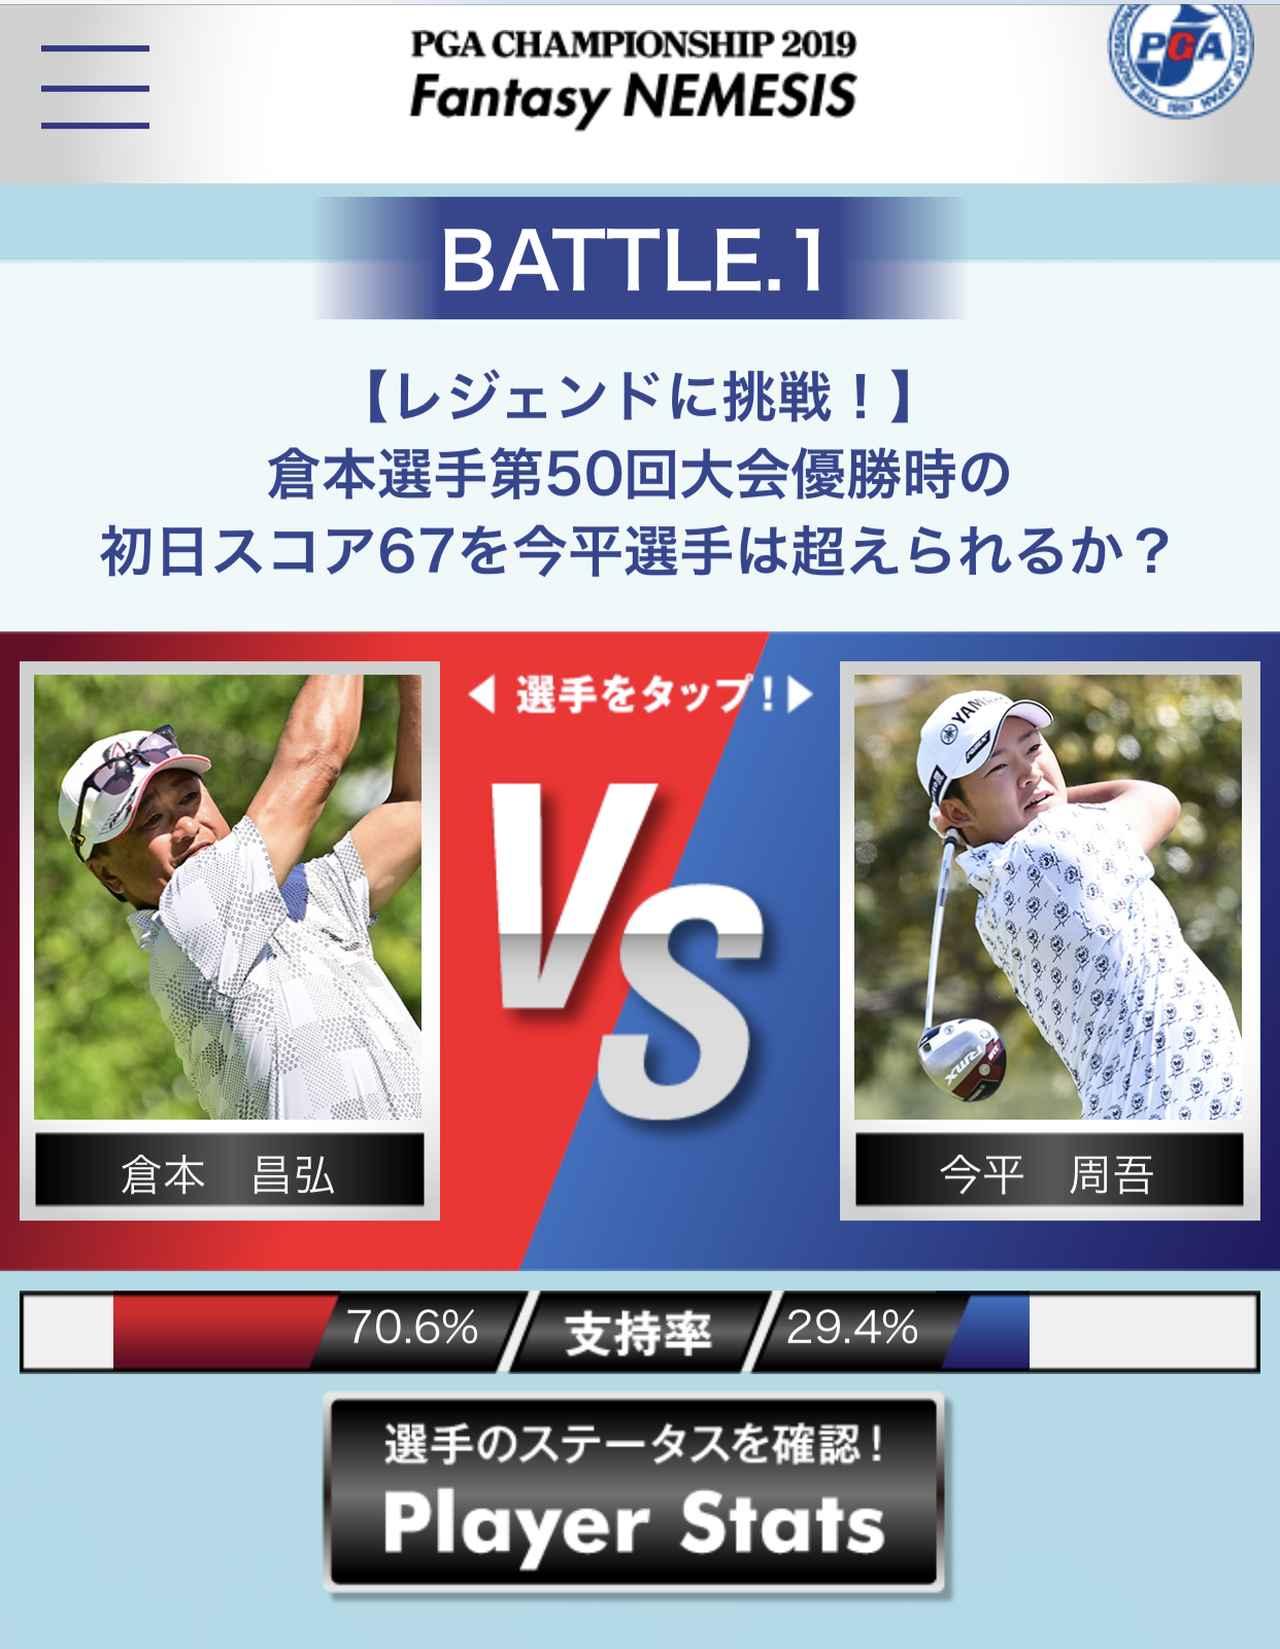 画像: 倉本VS今平周吾!? 日本プロで実施の参加型ゲーム「ファンタシーネメシス」ってなんなんだ